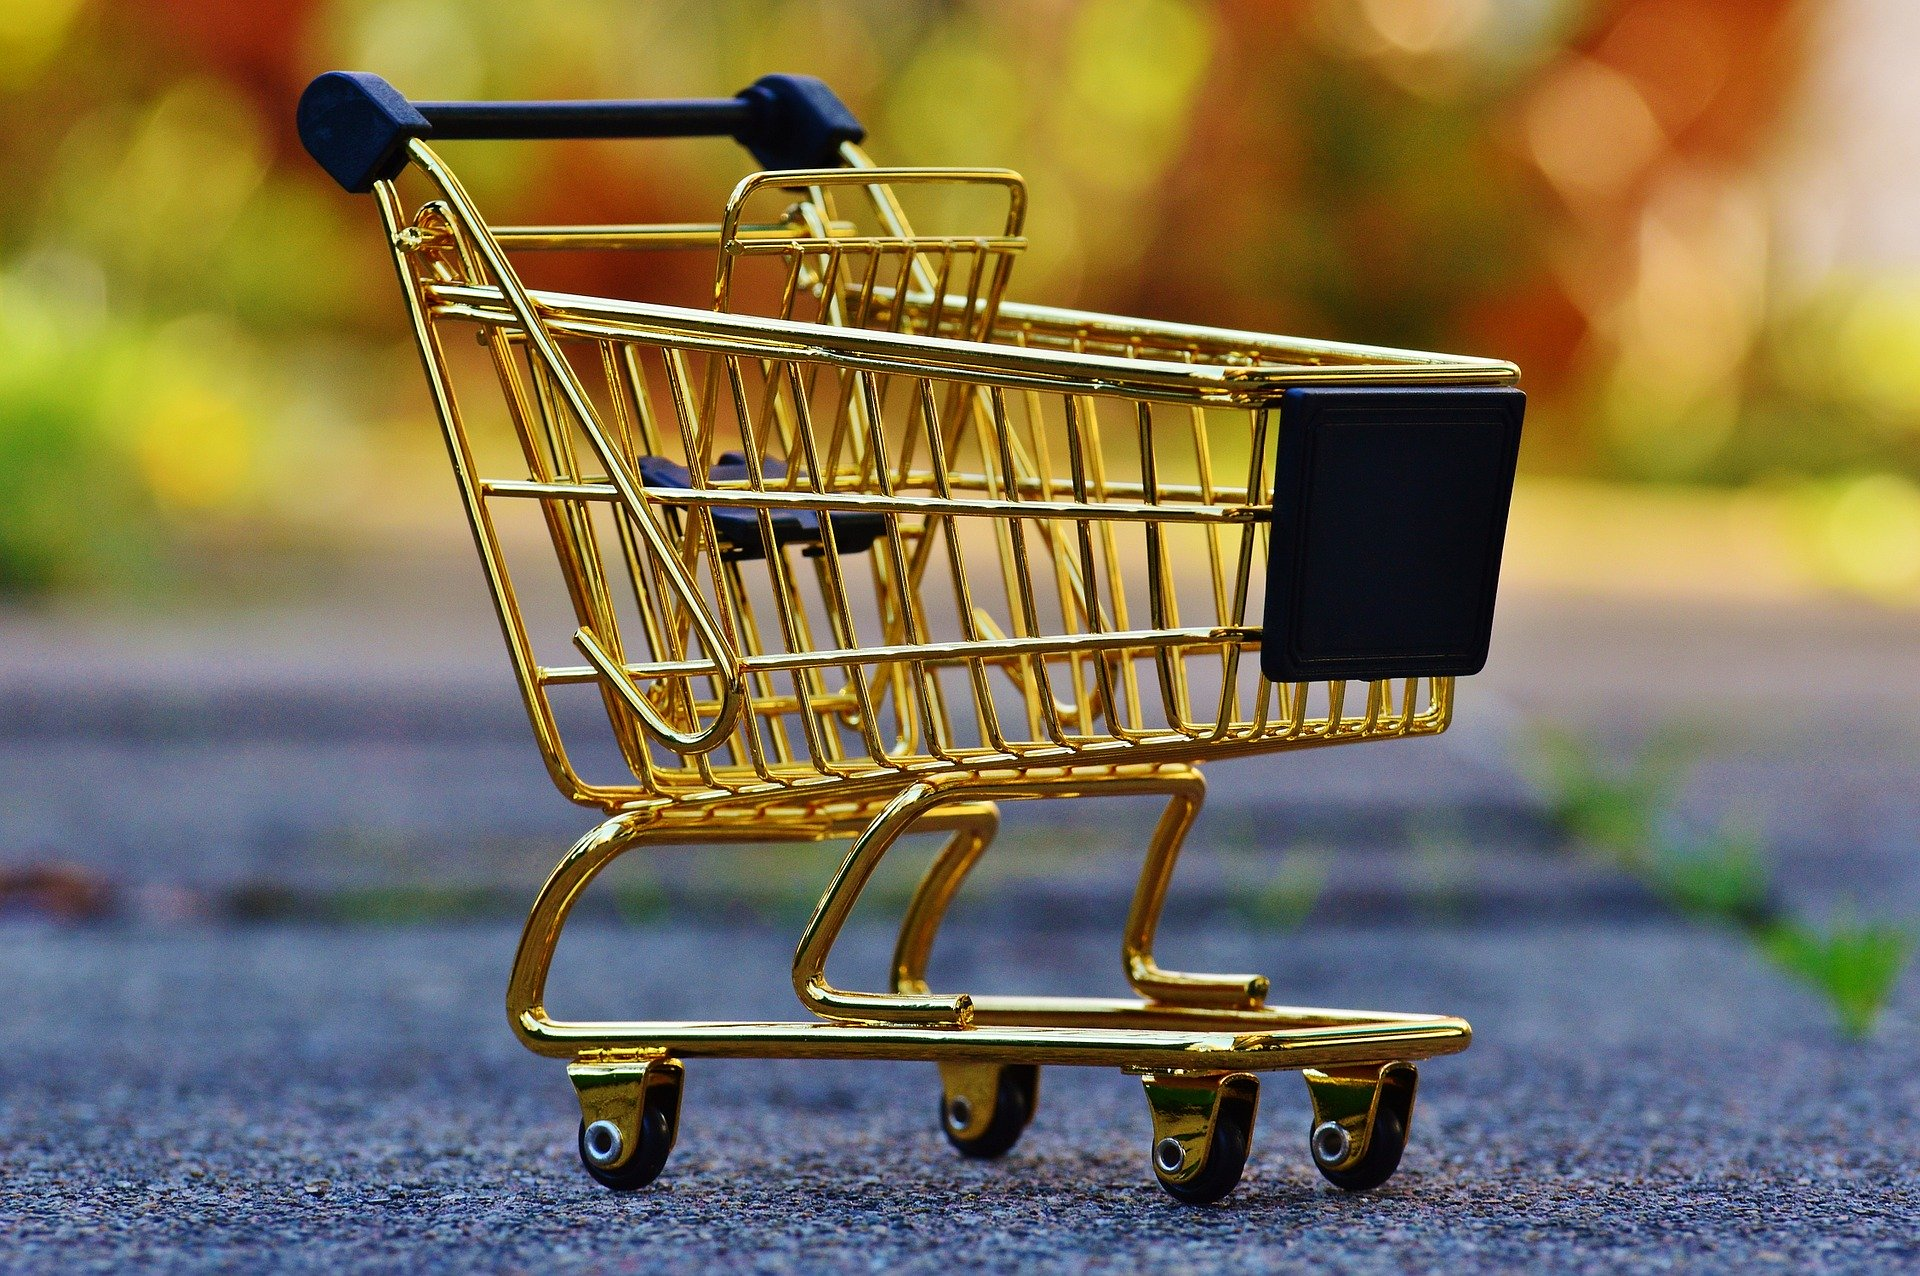 Metade dos portugueses faz compras não programadas